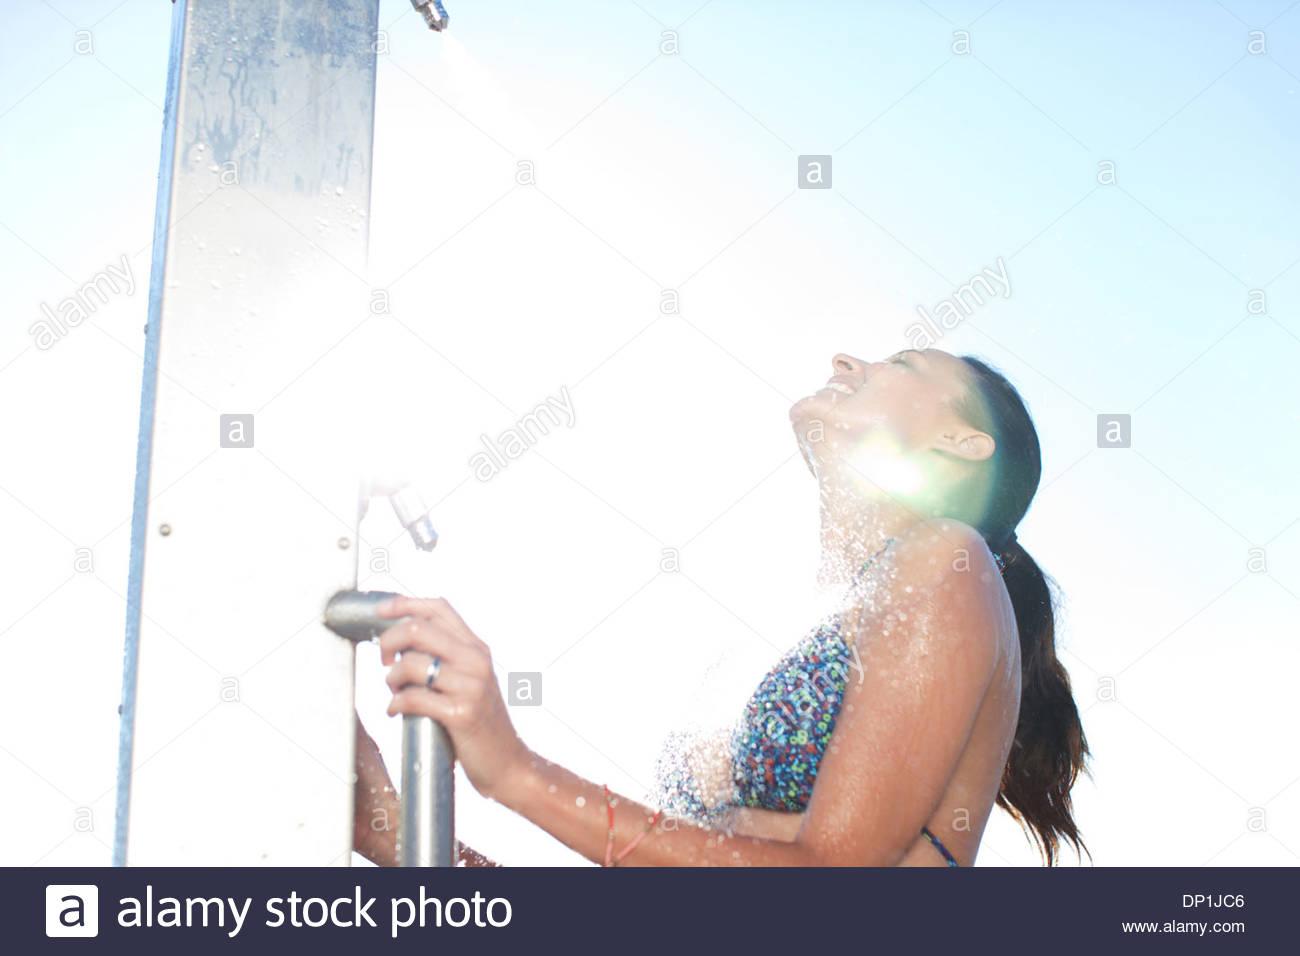 Woman in bikini showering on beach - Stock Image